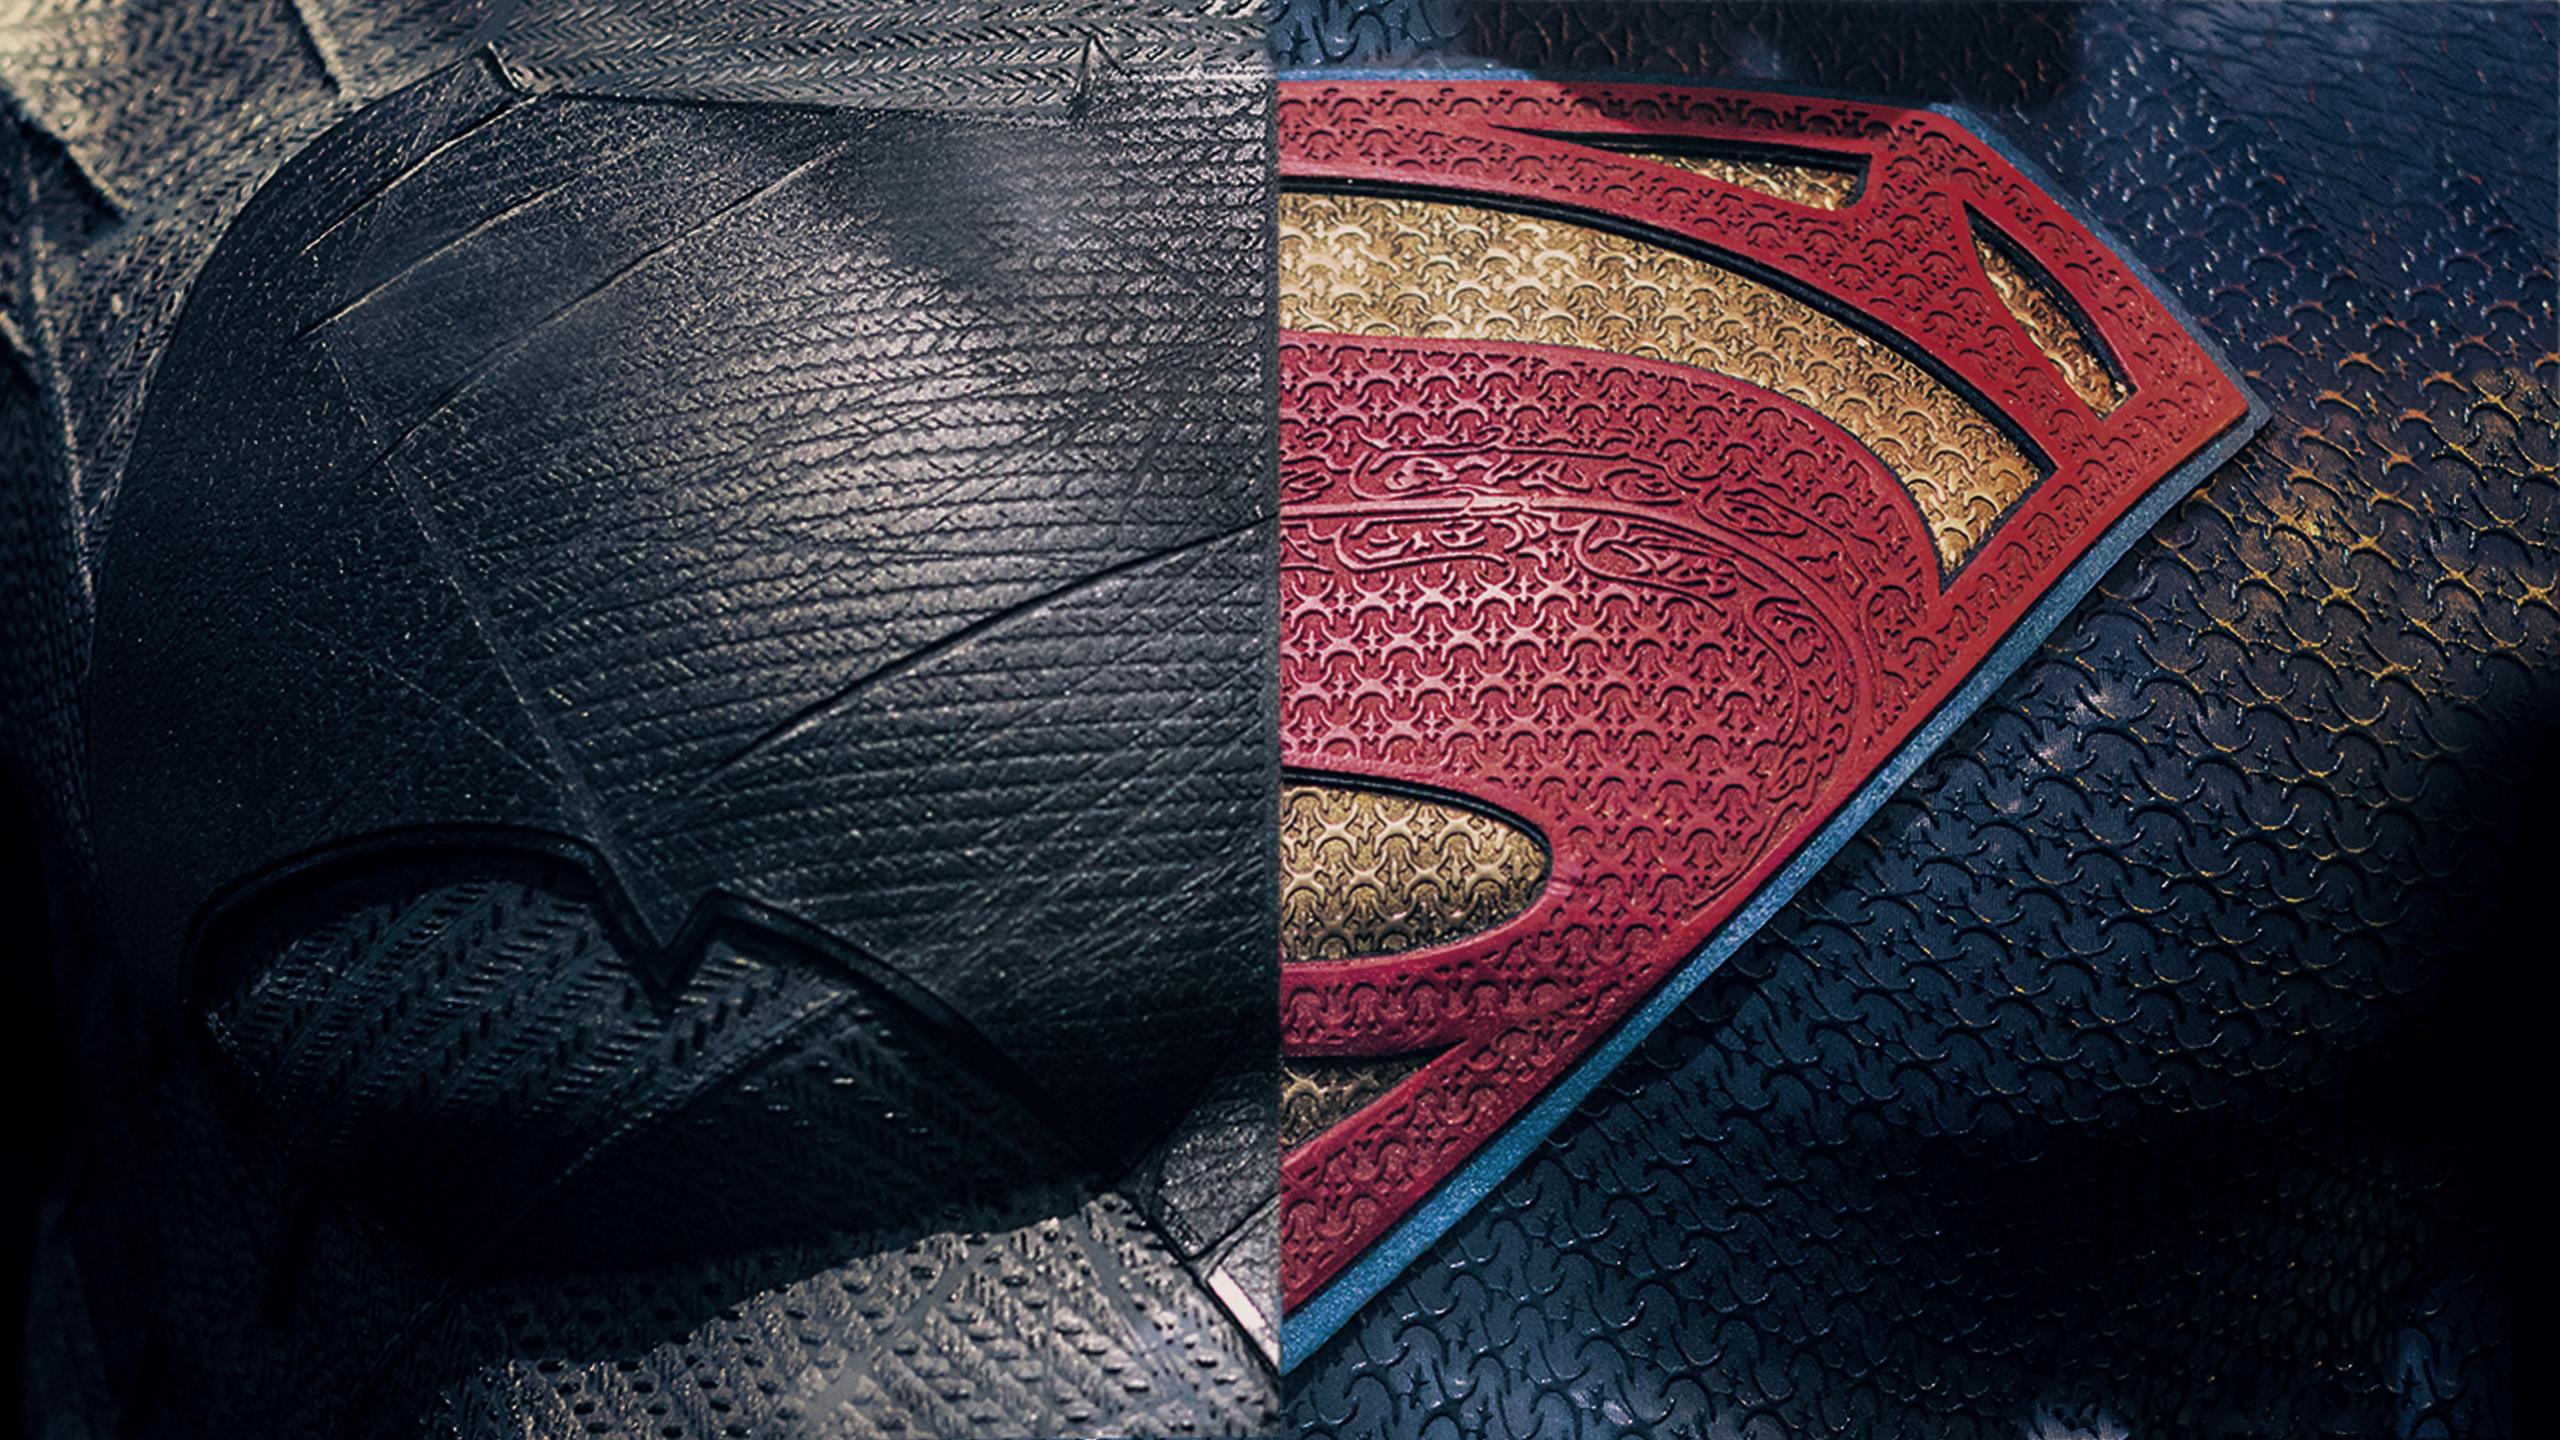 Batman V Superman Wallpaper By Messypandas - Batman Vs Superman Wallpaper 4k - HD Wallpaper